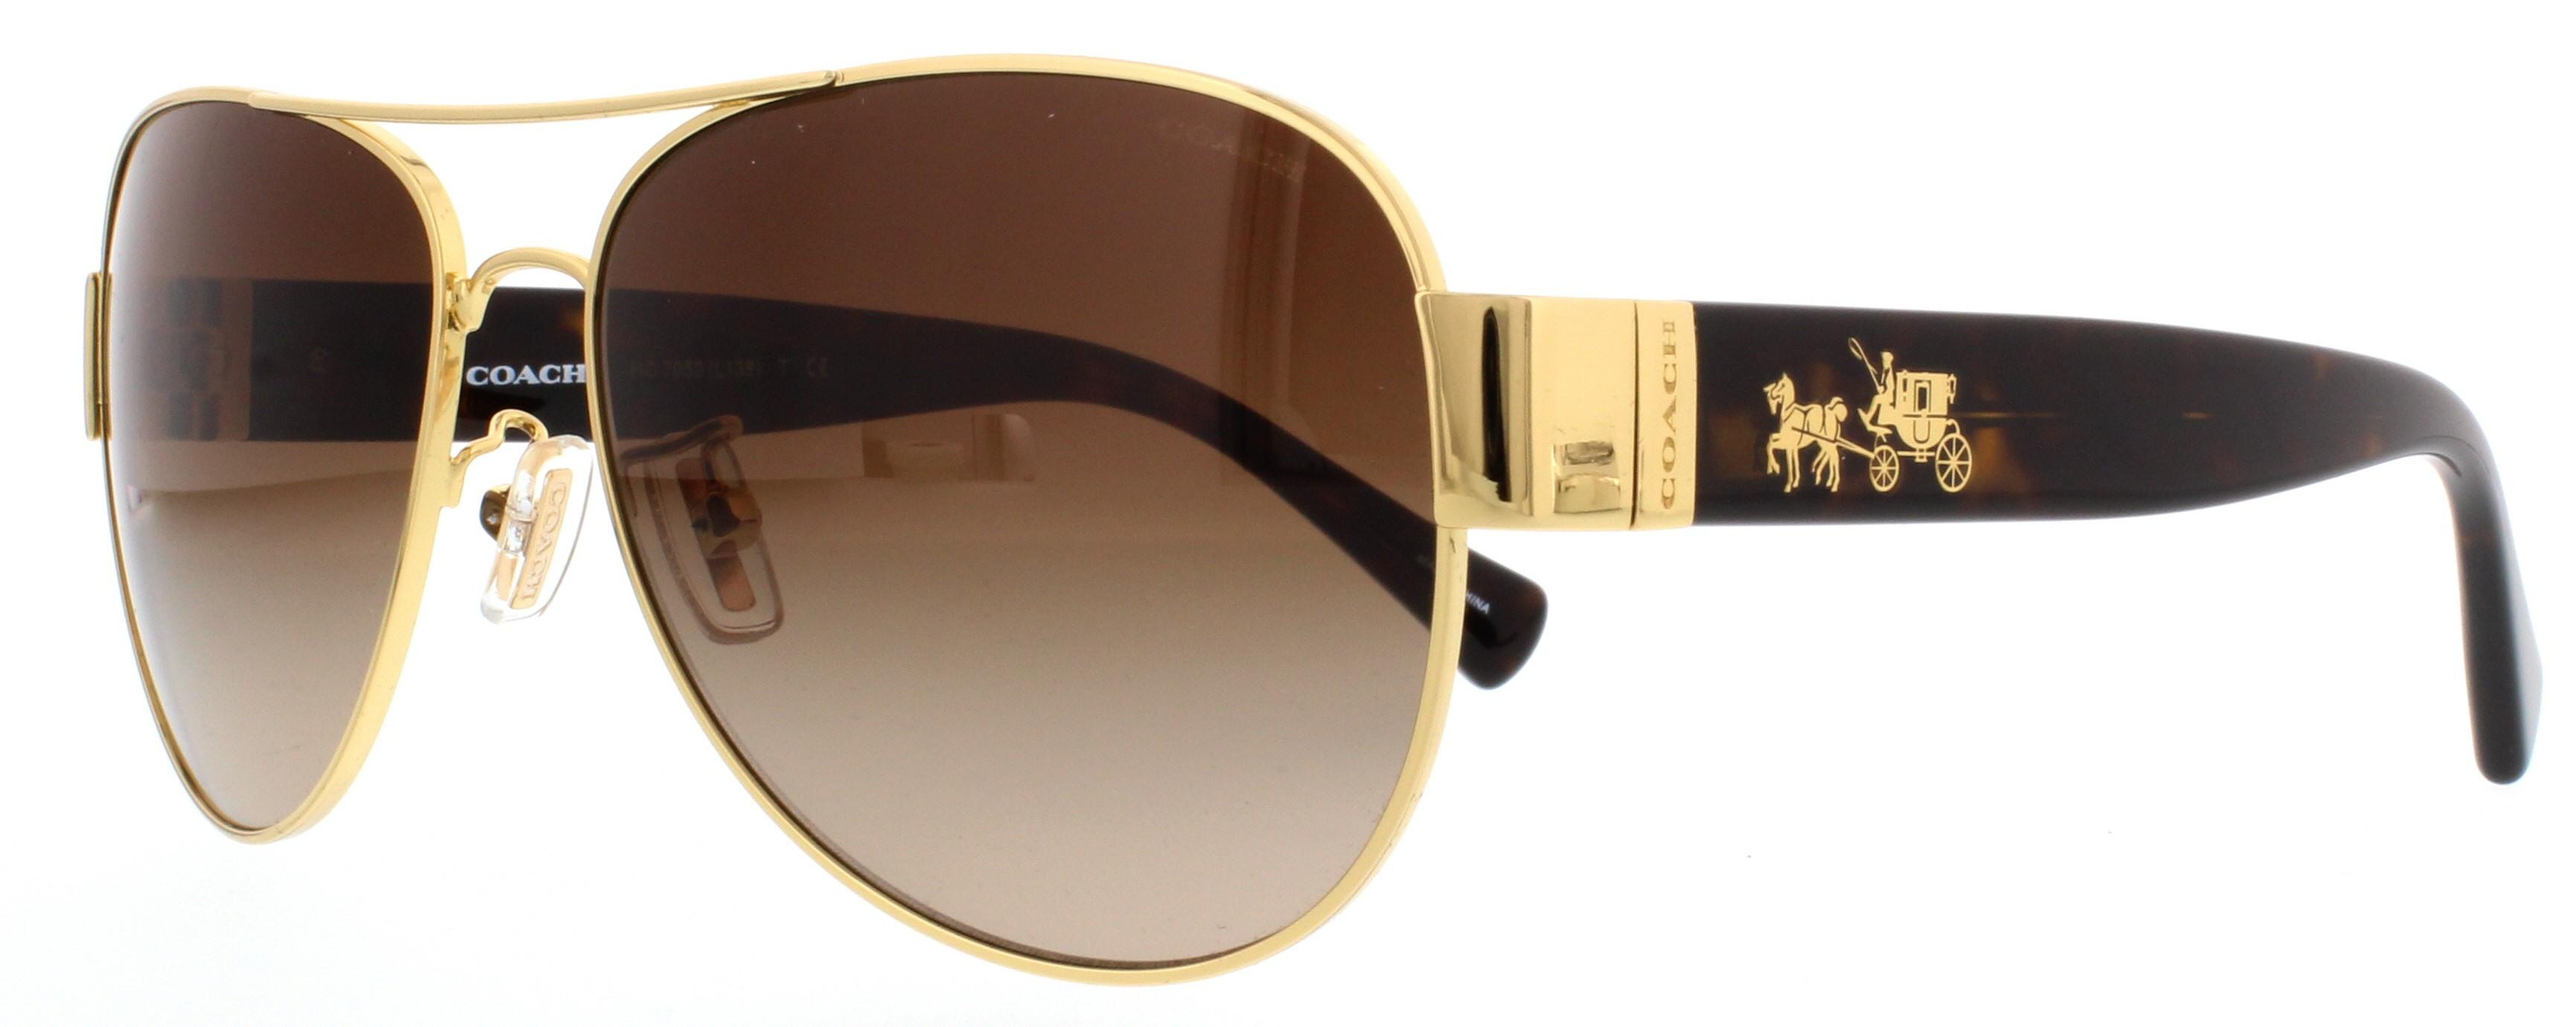 7b00622d9d authentic coach sunglasses hc 7059 fc6ed 8ab78